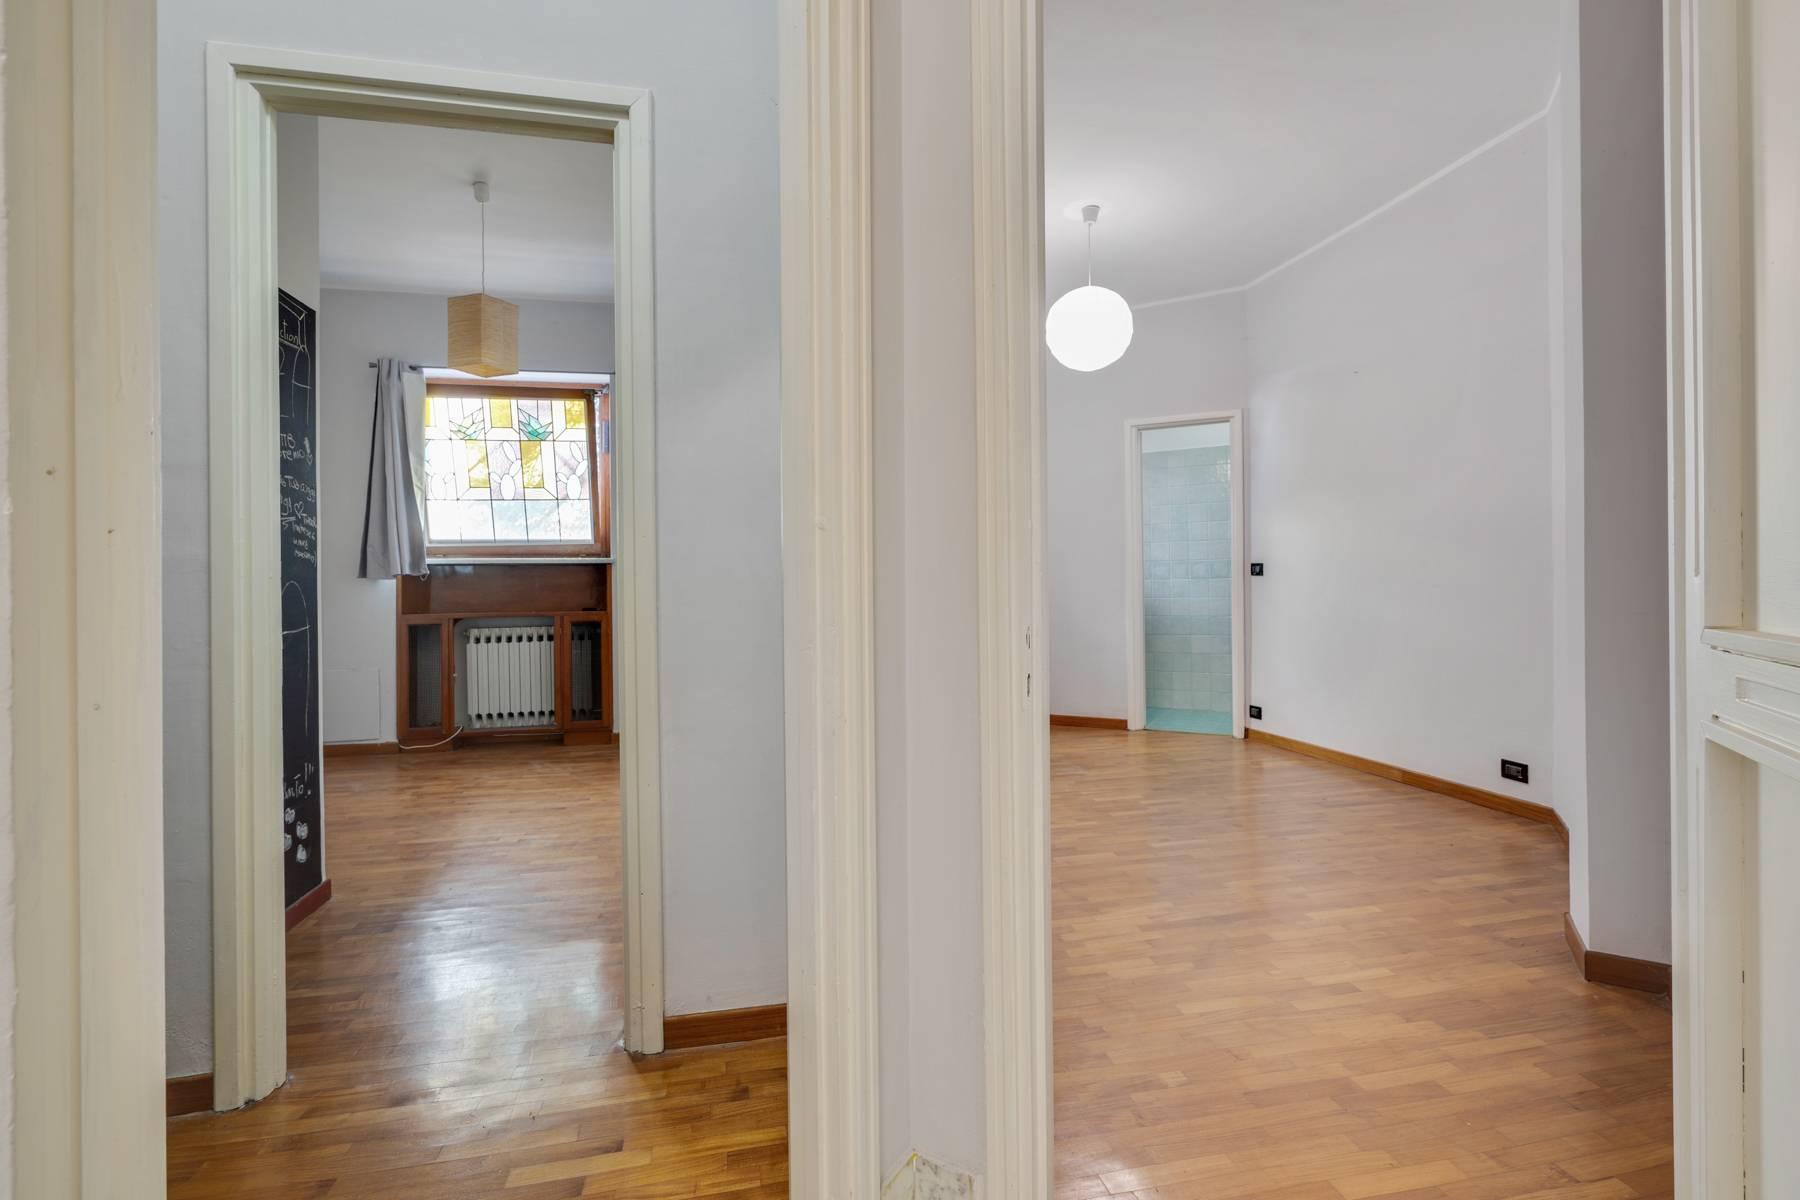 Appartamento in Vendita a Torino: 3 locali, 88 mq - Foto 13